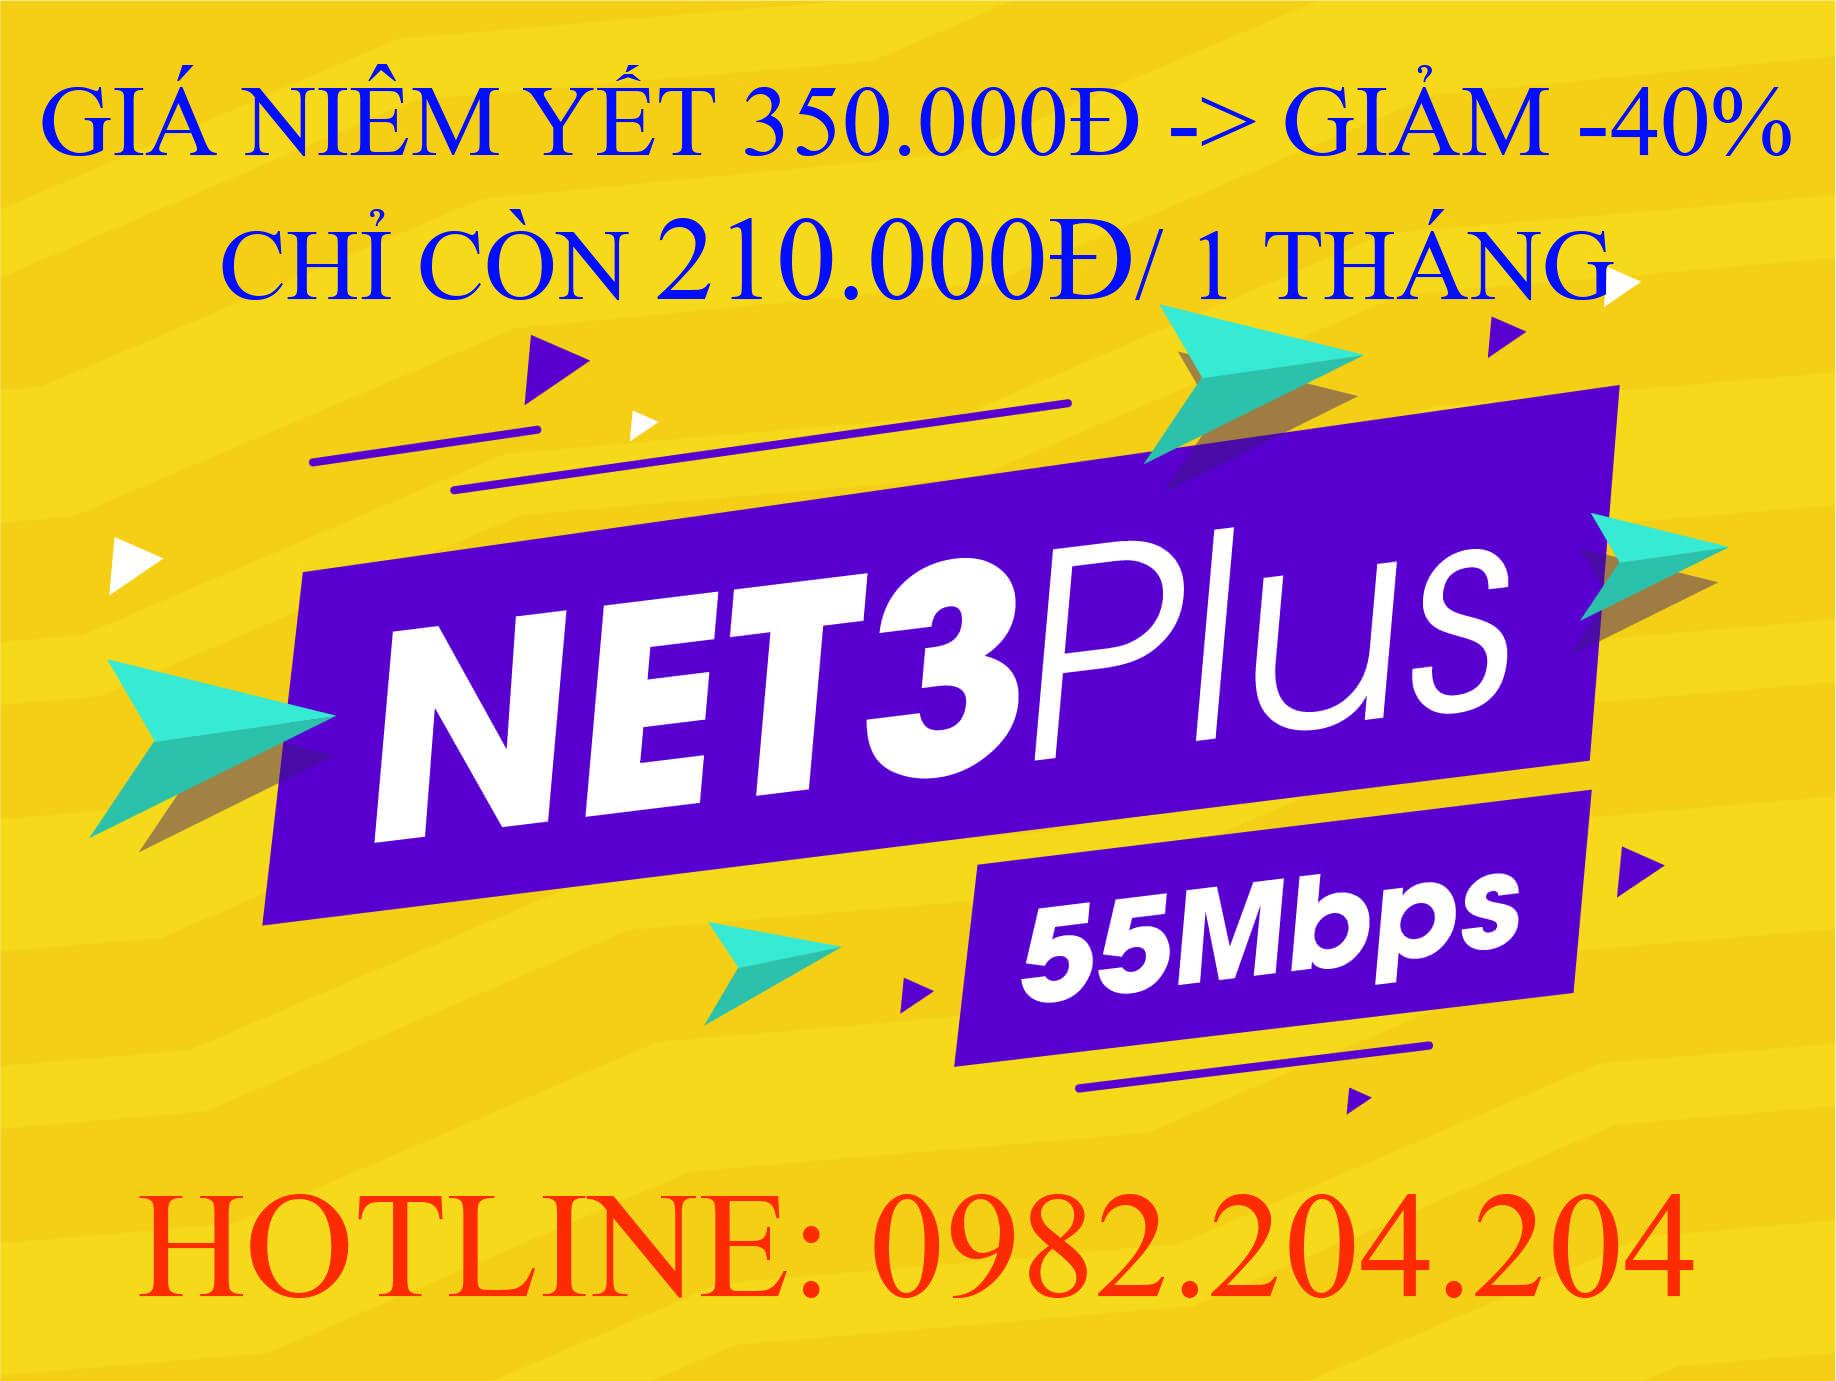 Tổng đài đăng ký internetnet Viettel 0982204204 Cung Cấp Gói Net 3 plus